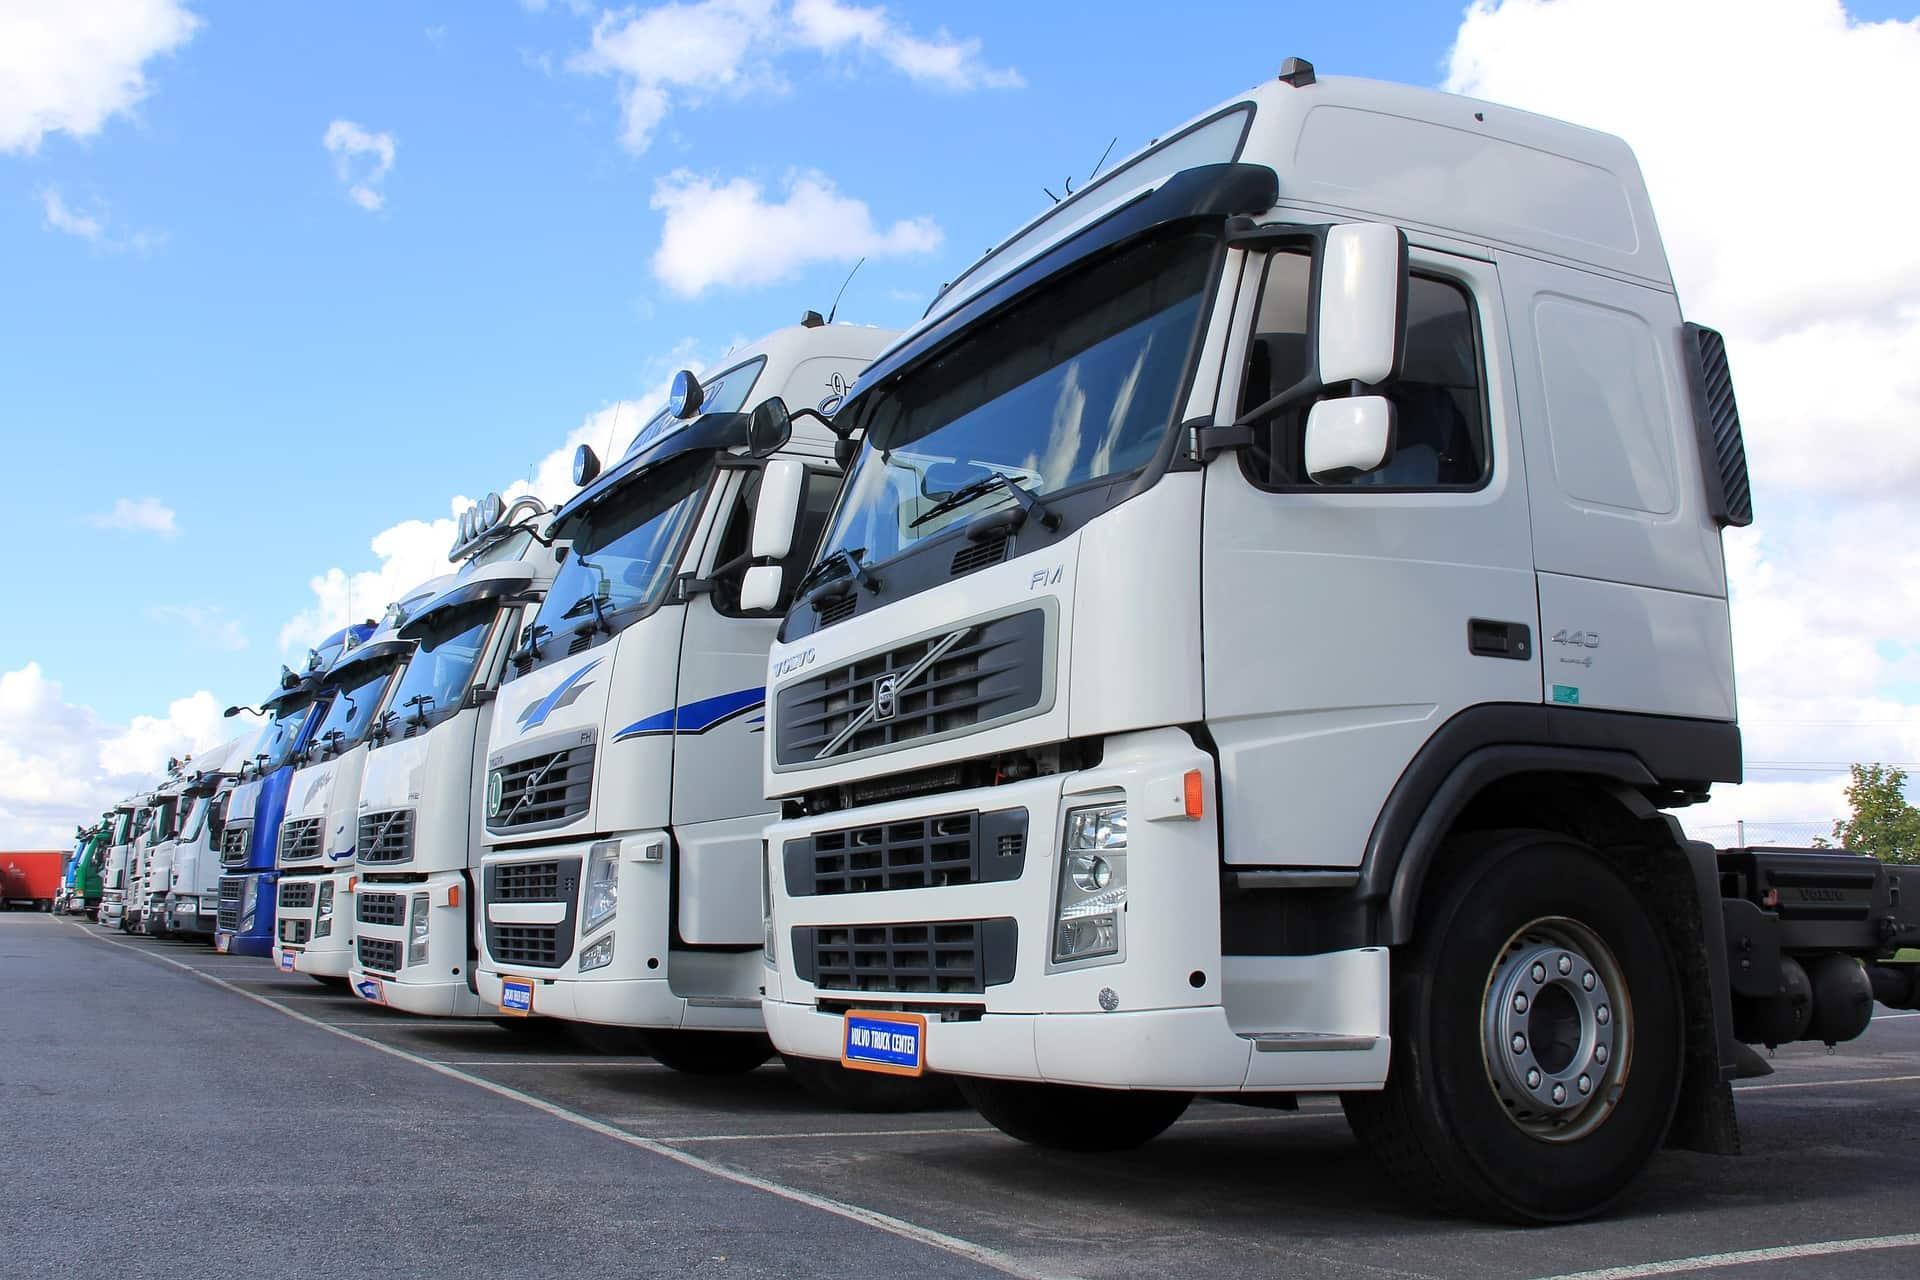 Moving-company-trucks